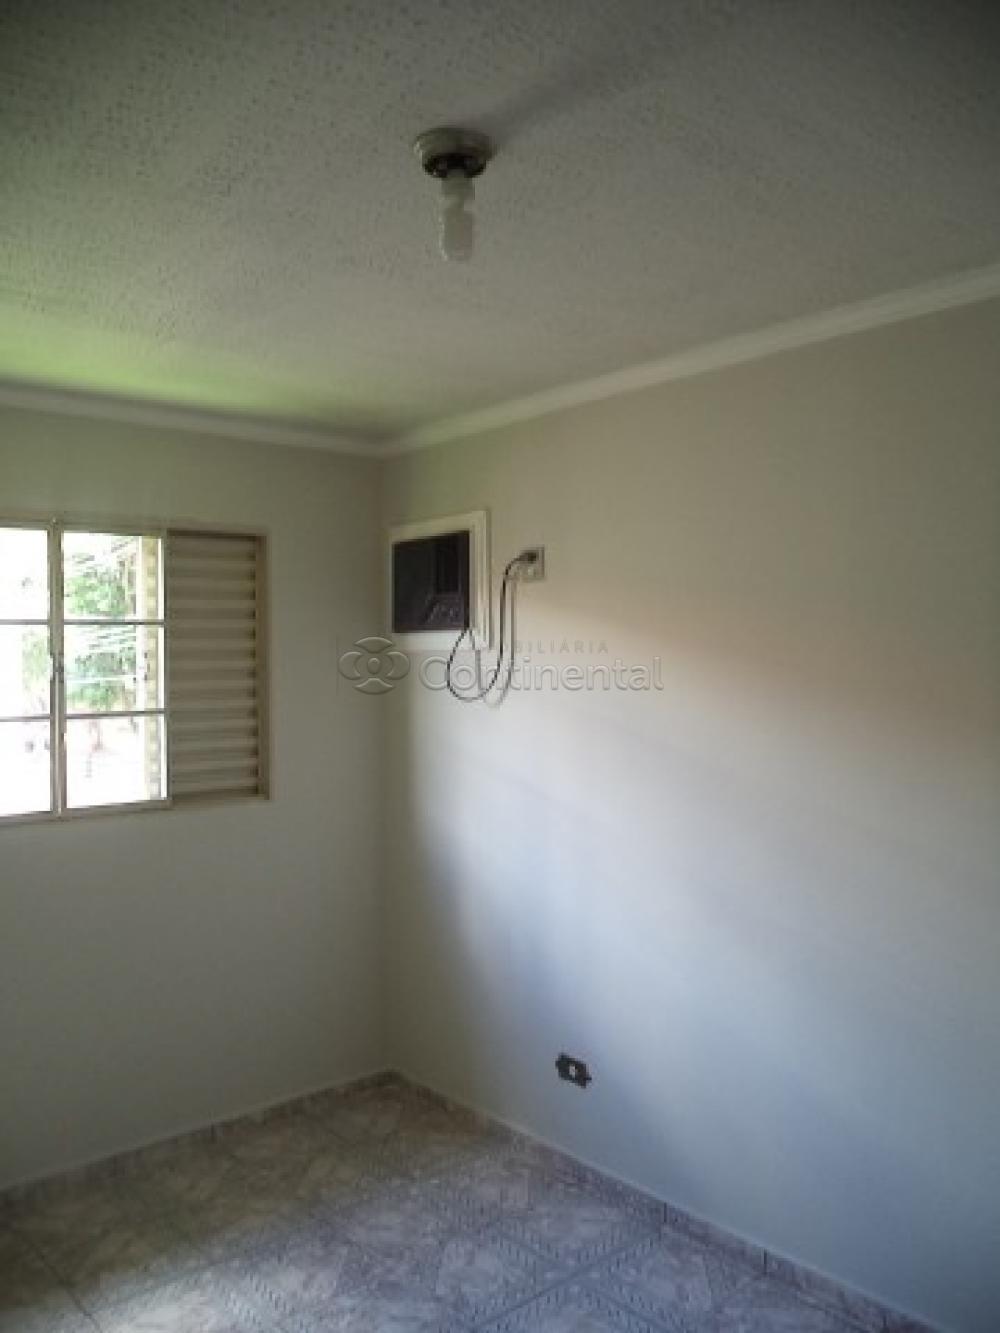 Alugar Apartamento / Padrão em Dourados R$ 500,00 - Foto 3